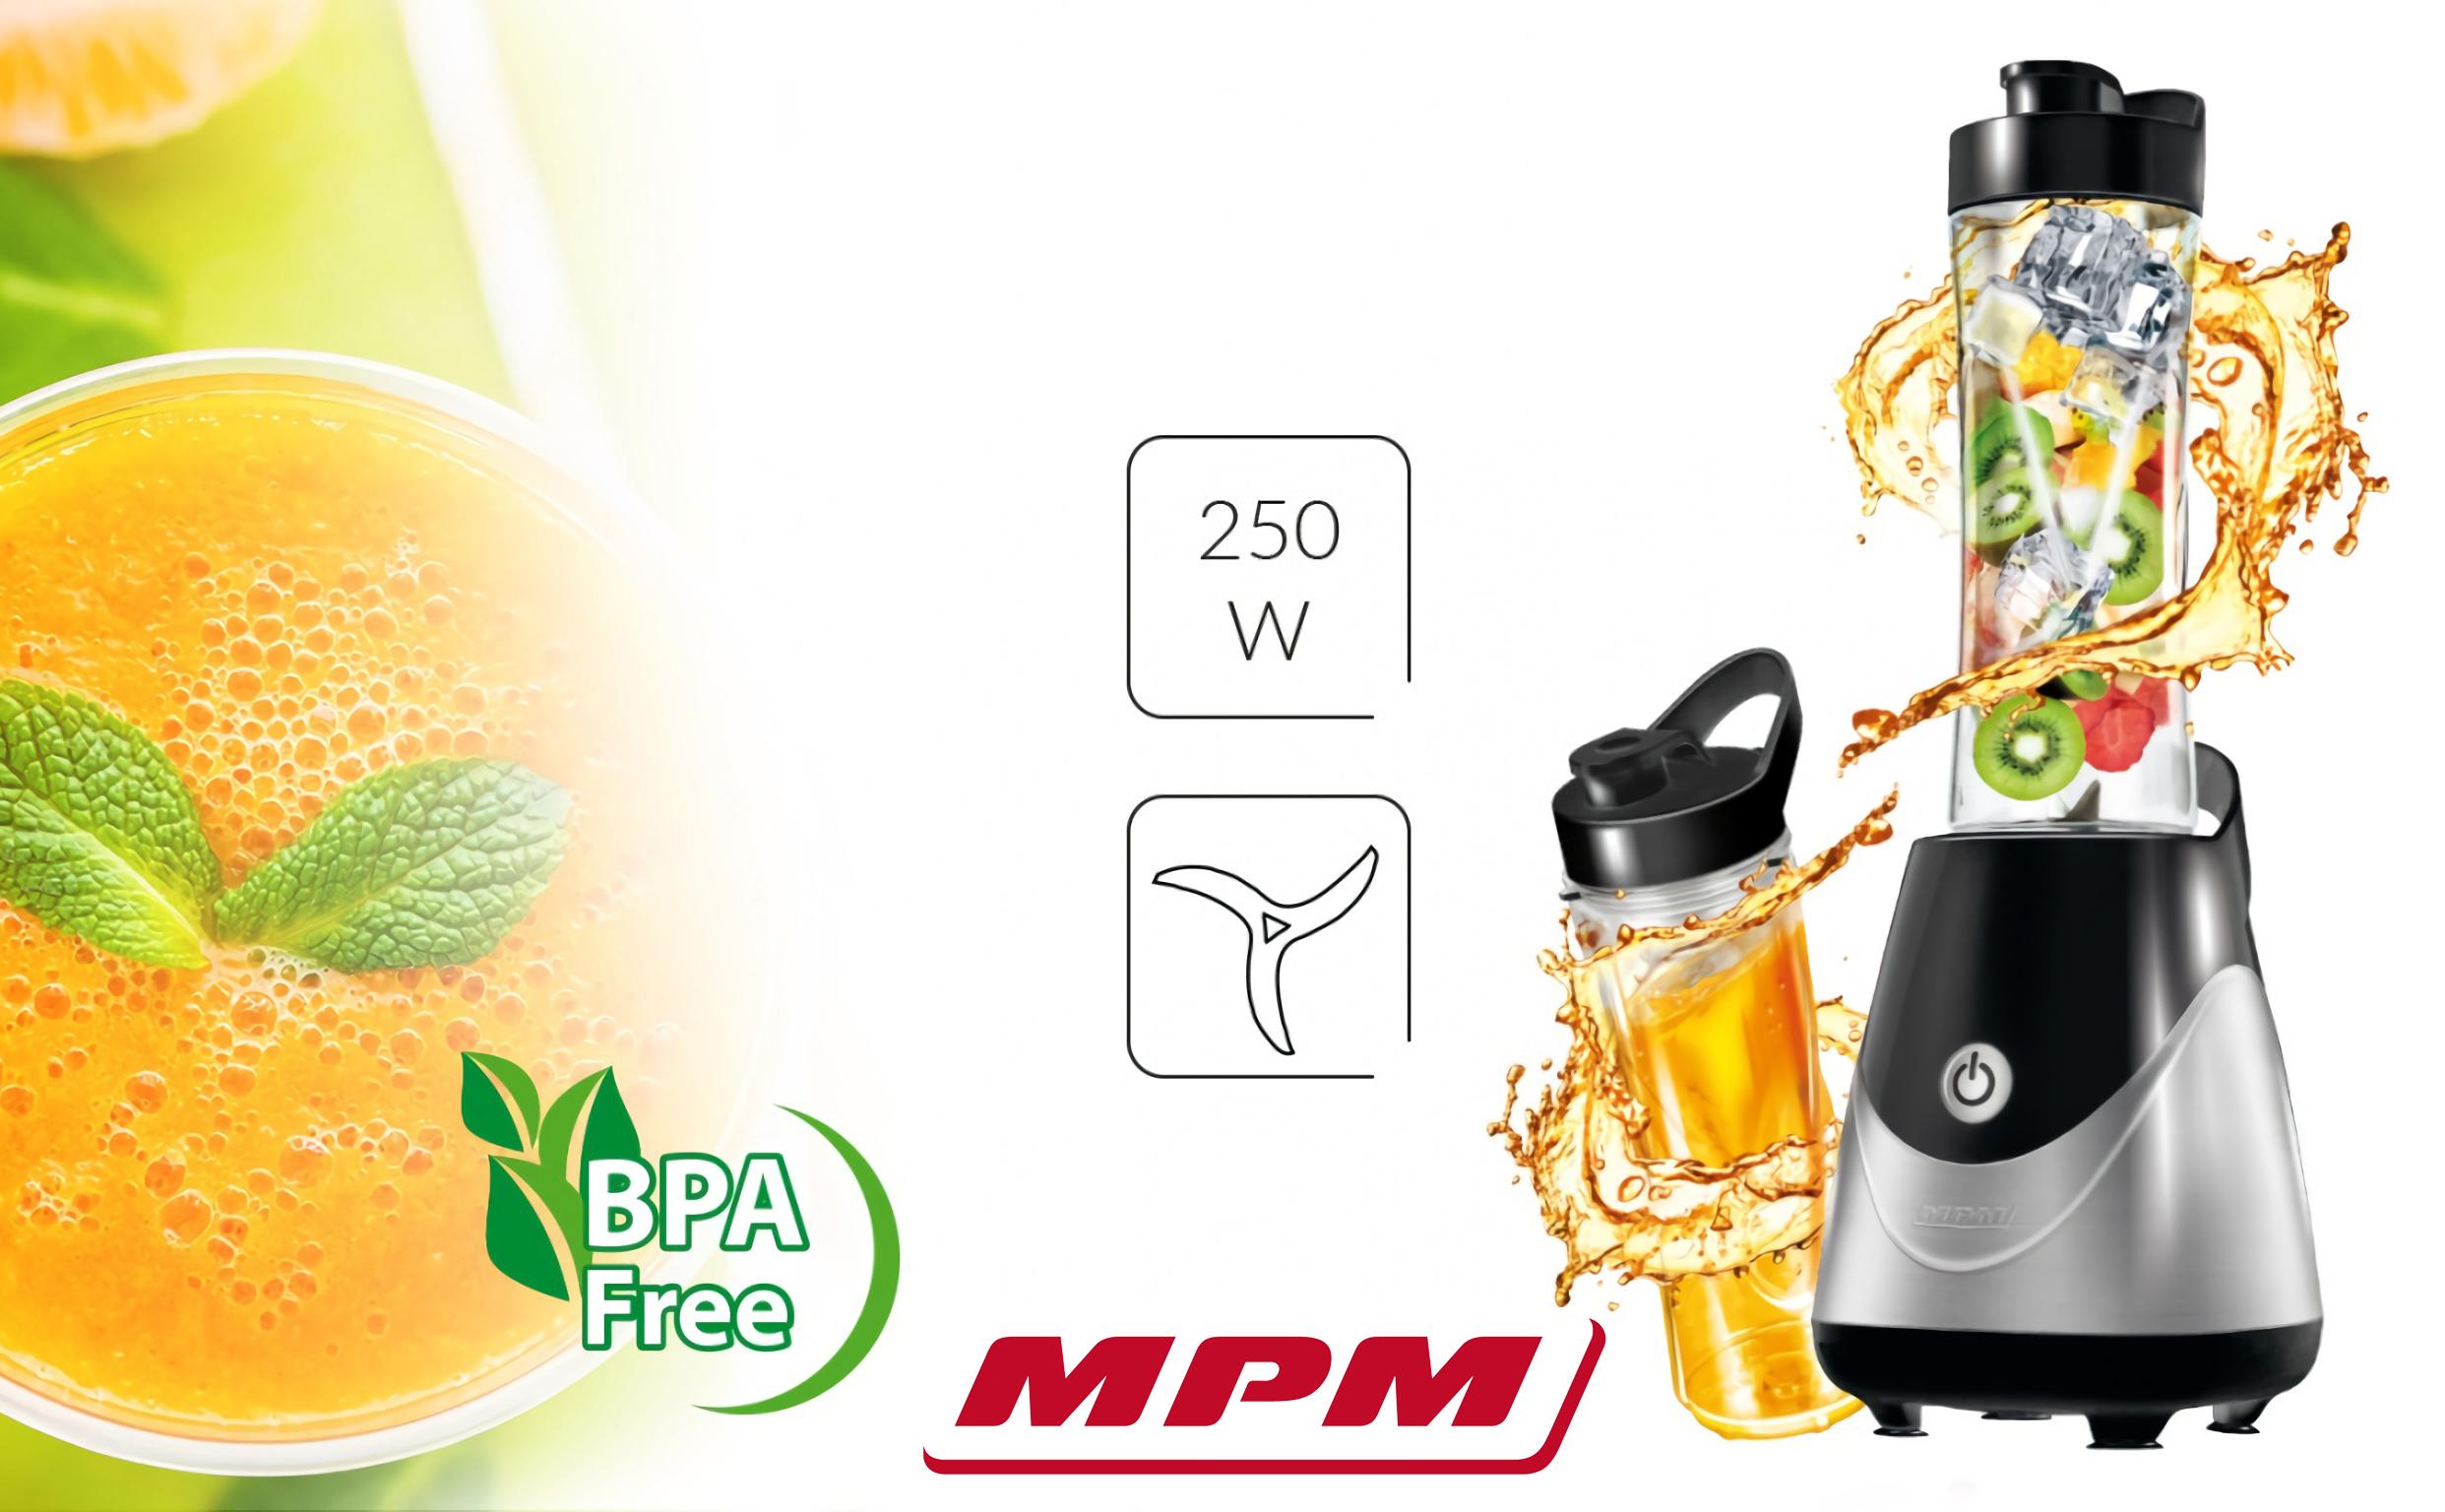 -MPM MBL-23M Batidora de Vaso Good To Go, Licuadora Personal con 2 Botellas de 600 ml, Smothie, 250W, Libre de BPA